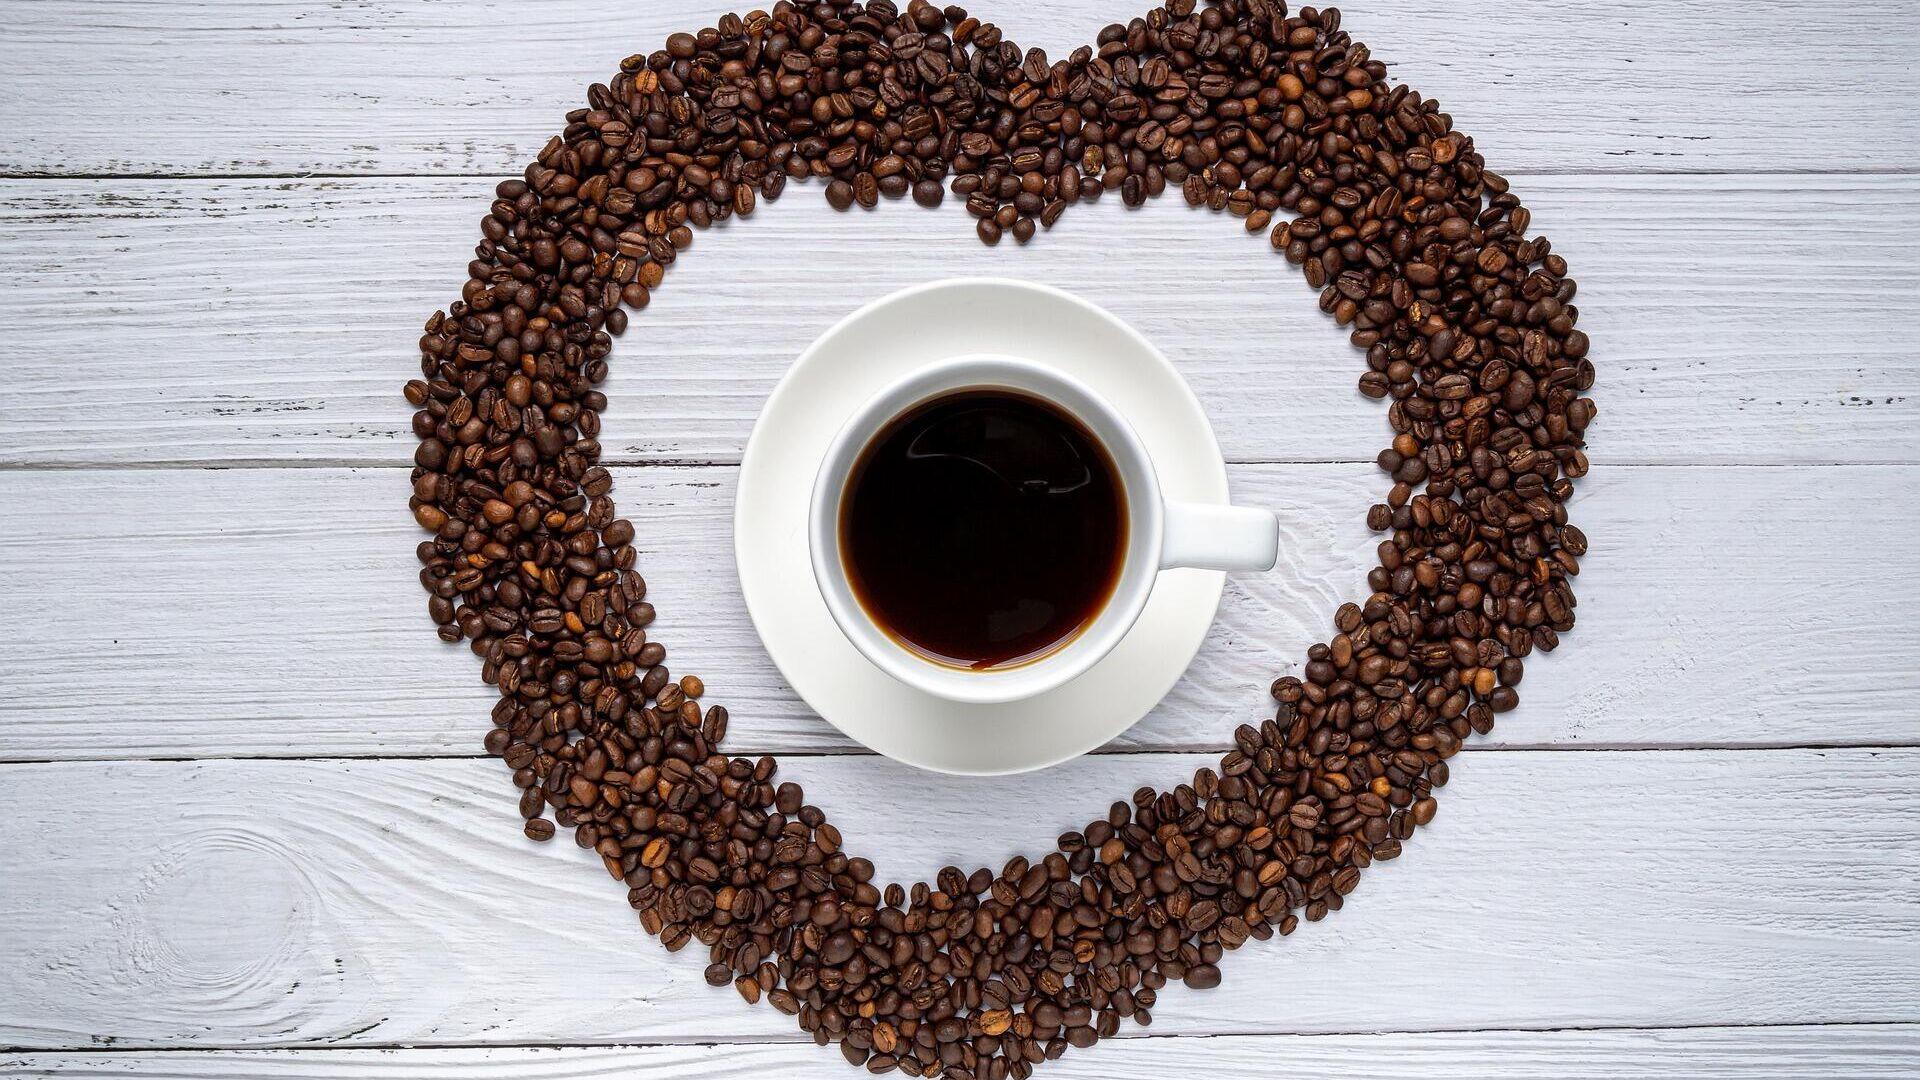 Una taza de café con granos en forma de corazón - Sputnik Mundo, 1920, 19.02.2021